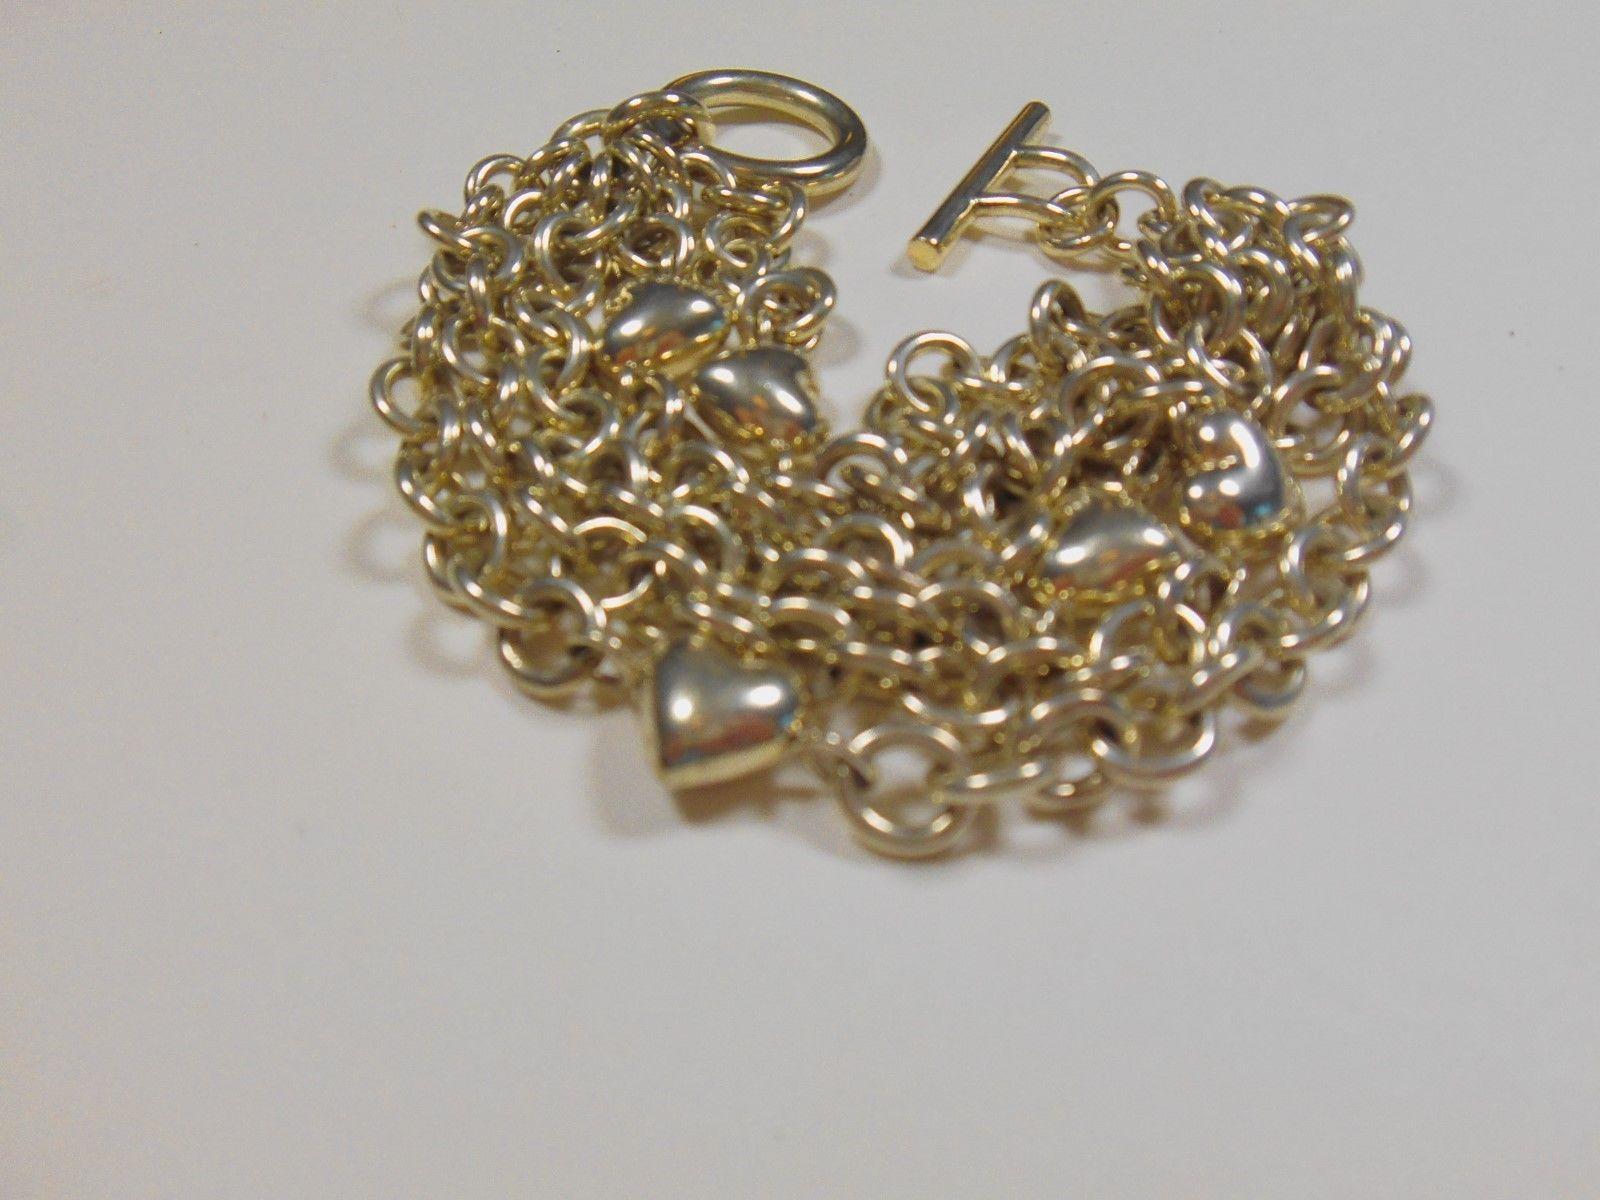 d57038ffa TIFFANY & Co Puffed Heart Multi-Strand Toggle Bracelet 8